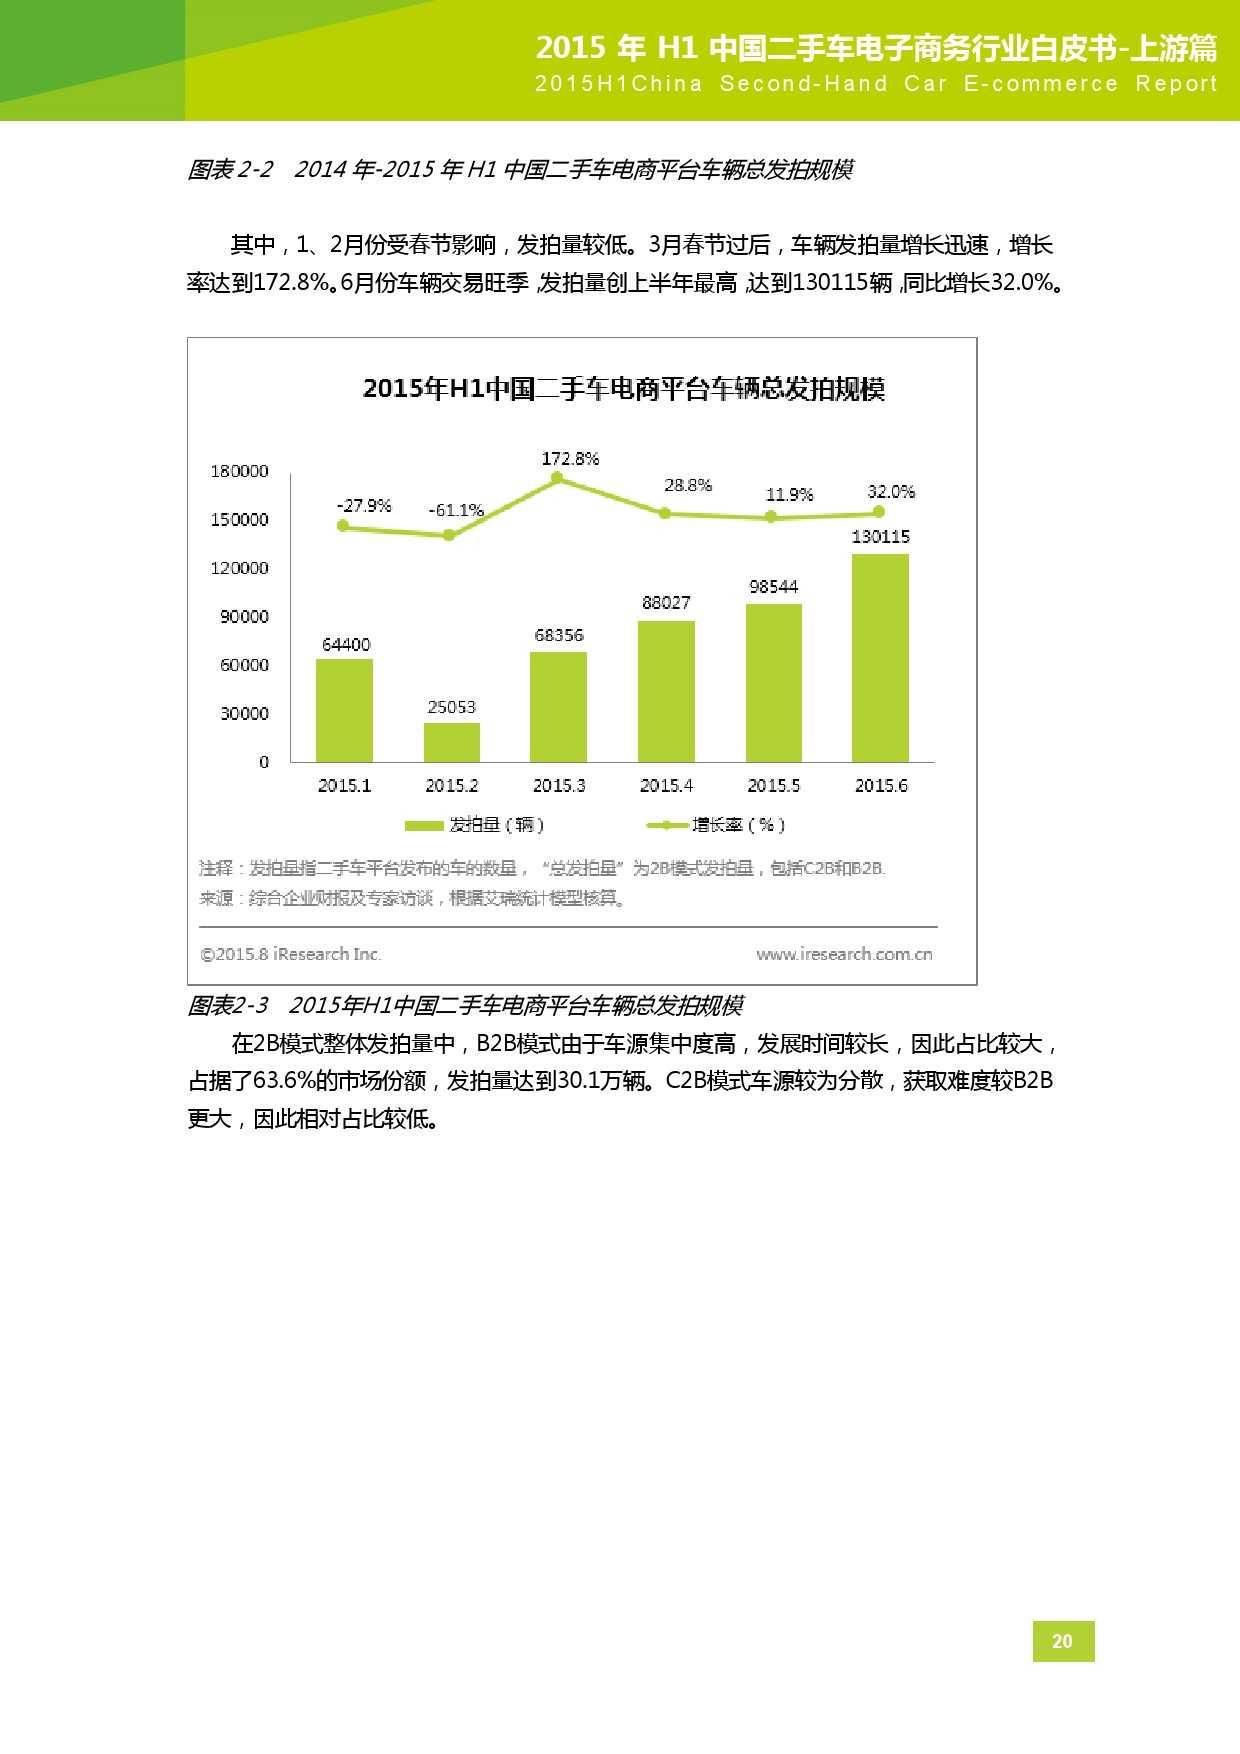 2015年中国二手车电子商务行业白皮书-上游篇_000021